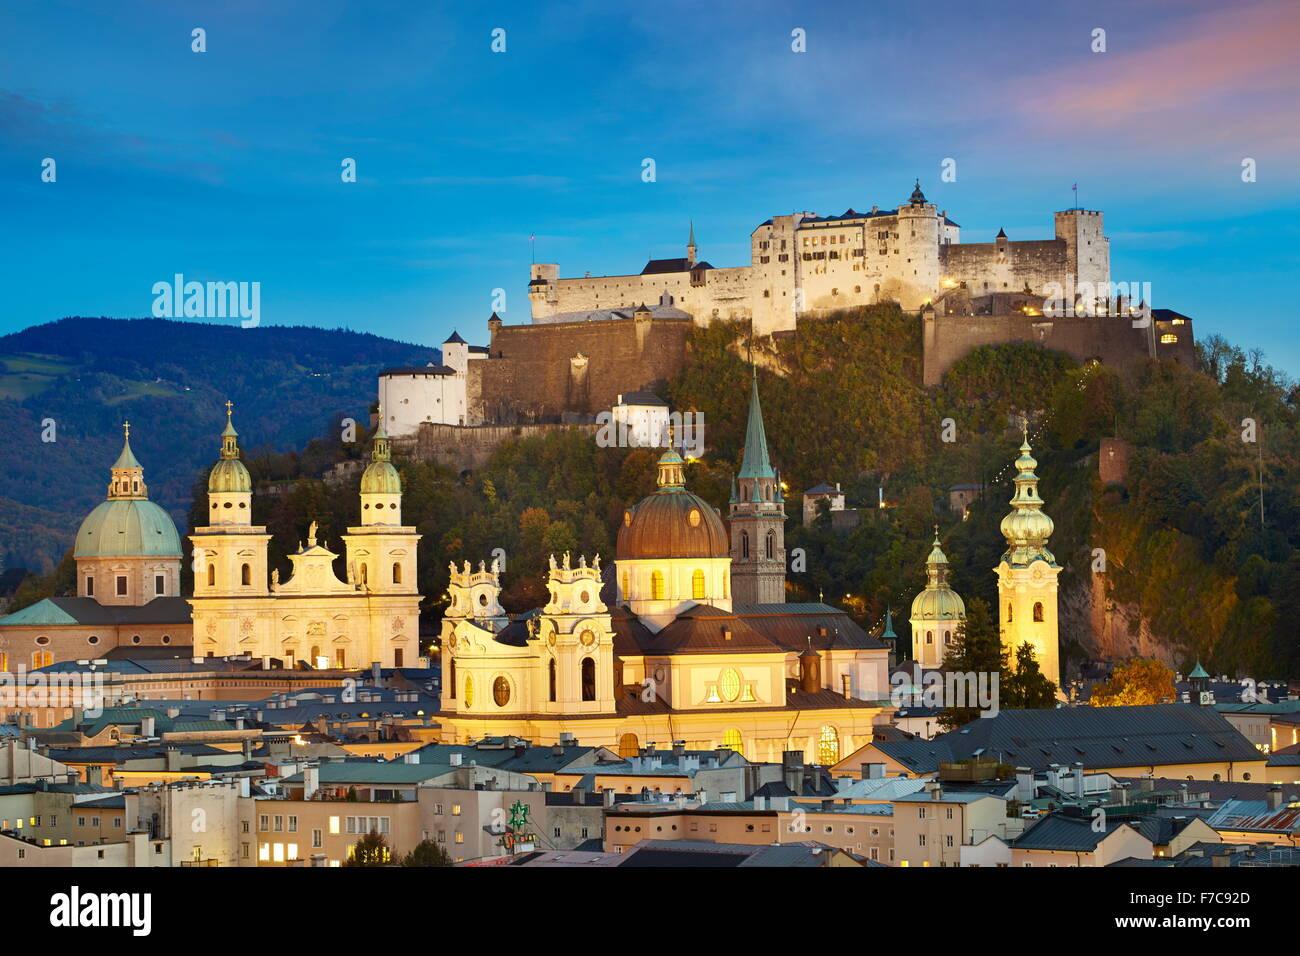 Vista aérea del casco antiguo de Salzburgo, el castillo visible en el fondo, Austria Imagen De Stock